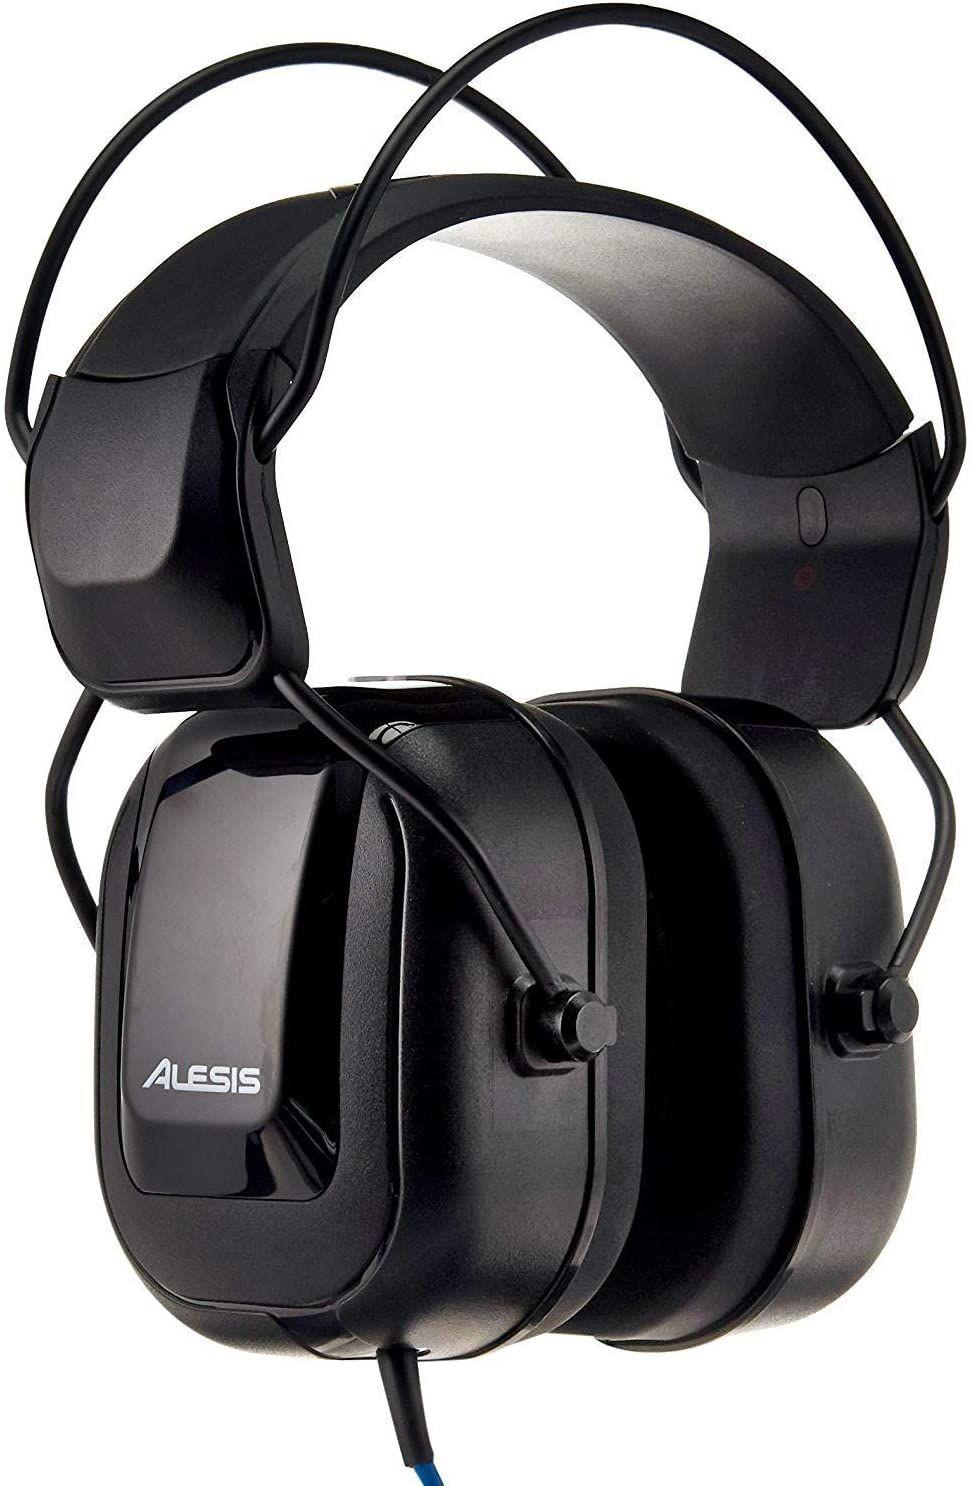 Alesis DRP100 drum headphones